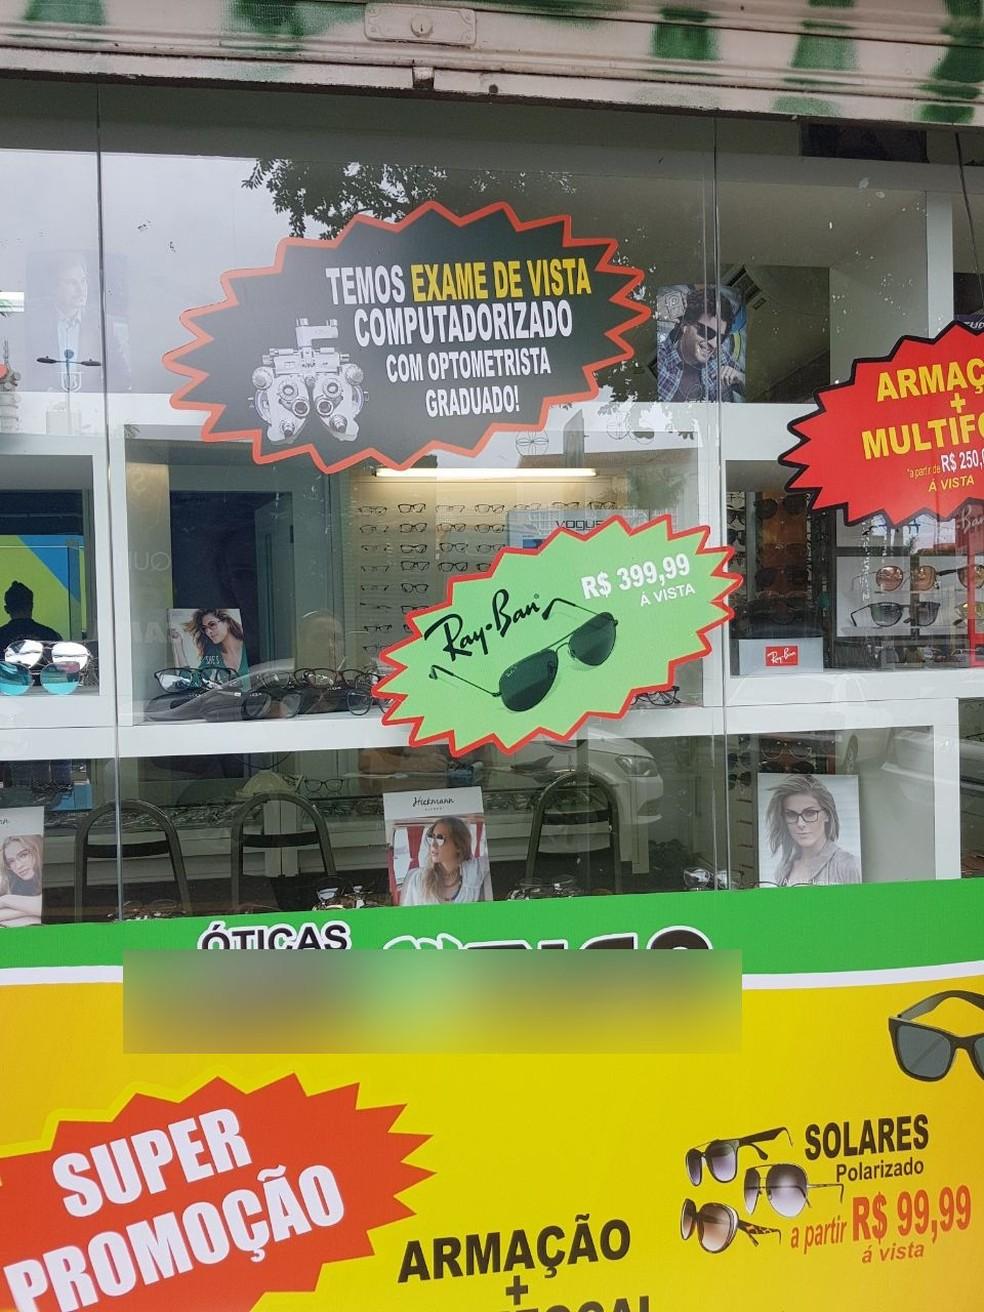 Óticas que atuavam ilegalmente e faziam exames são alvos da polícia em Cuiabá (Foto: Polícia Civil de MT)